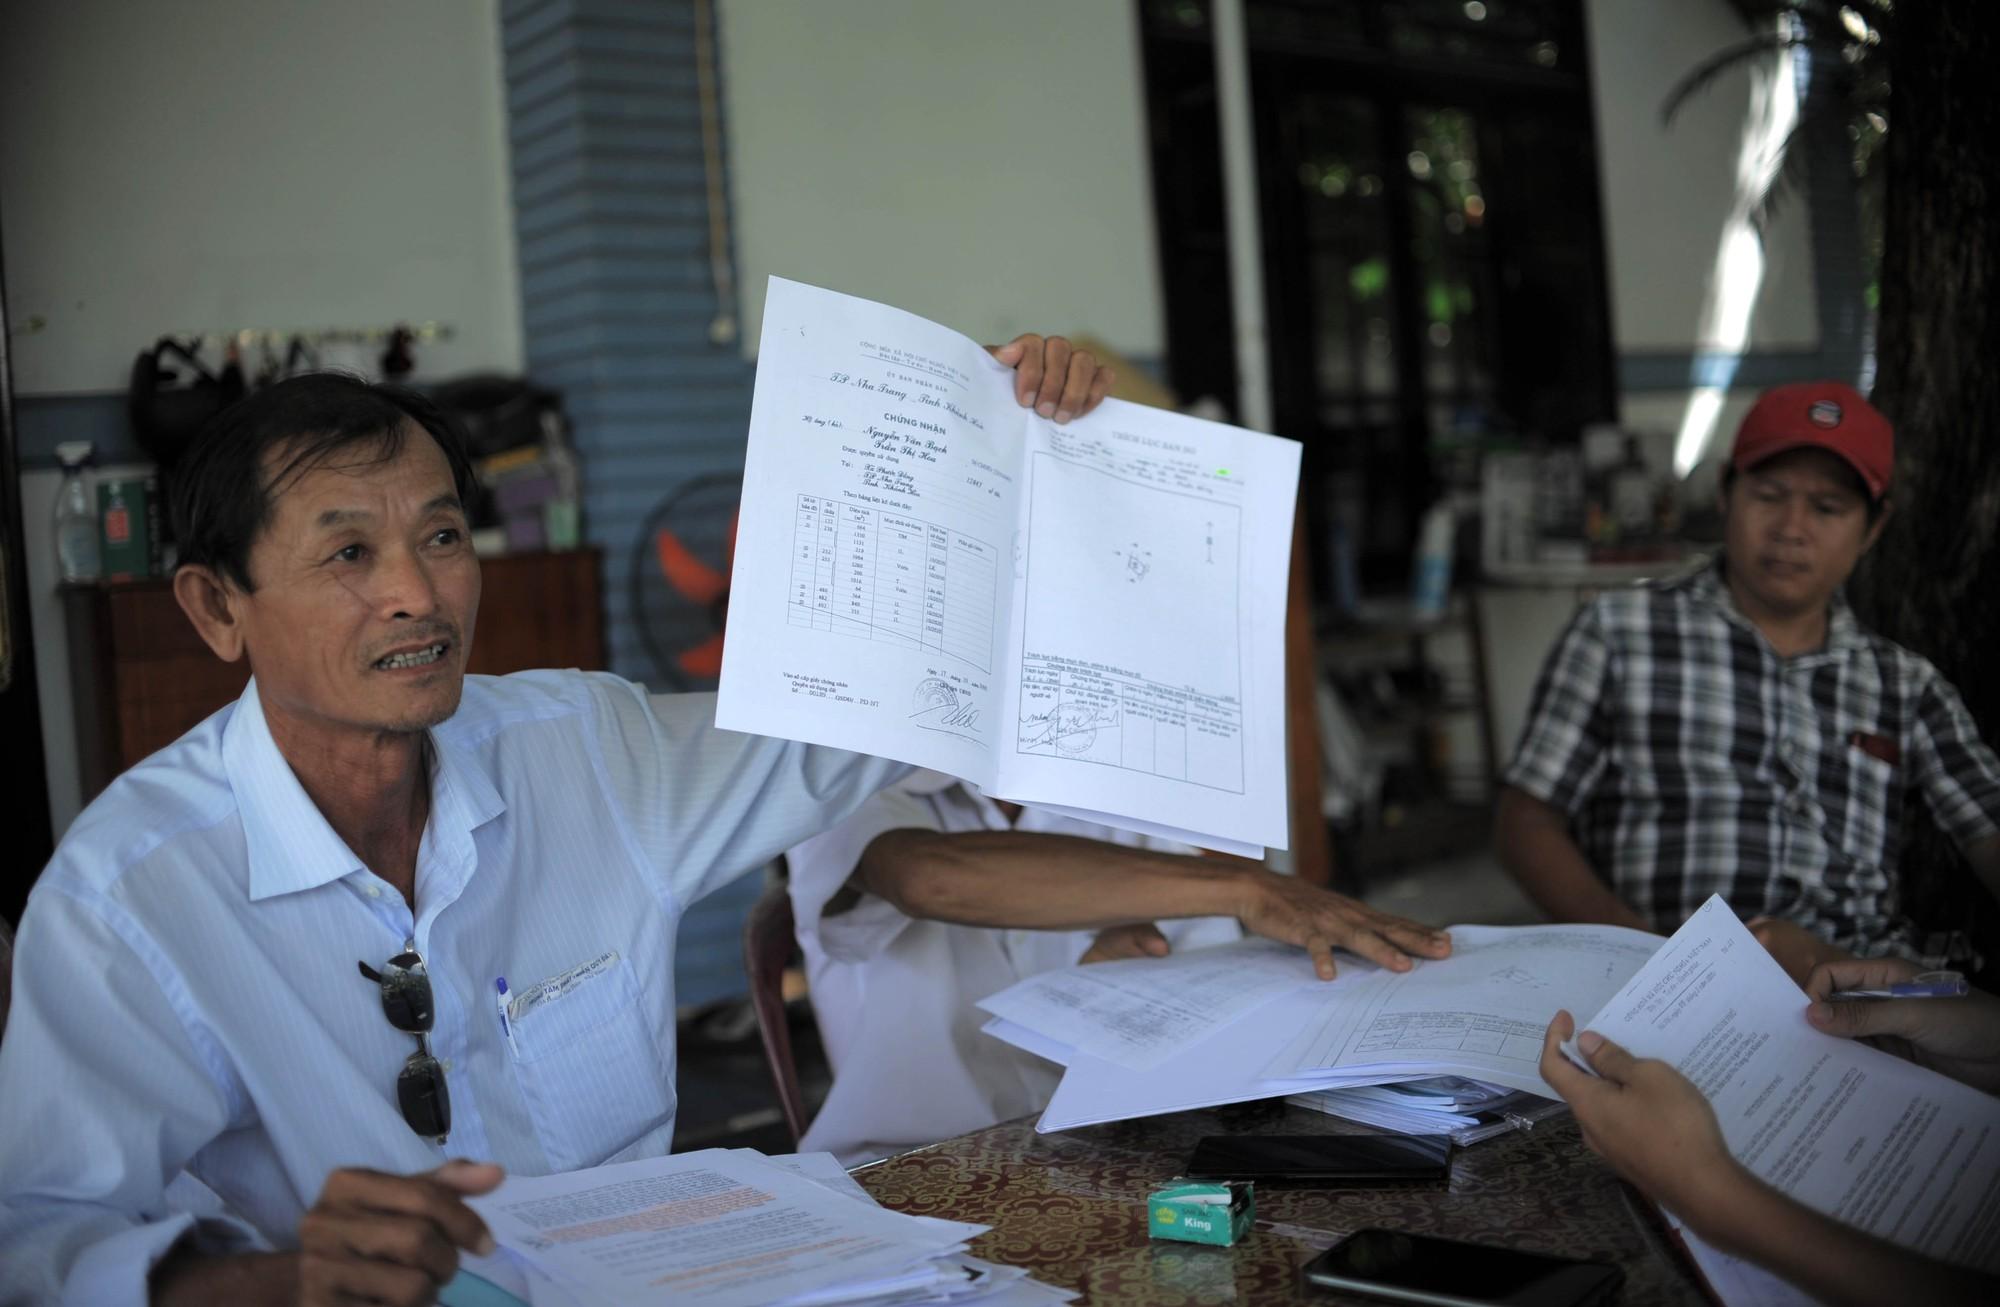 Chủ tịch Khánh Hòa chỉ đạo kiểm tra, rà soát để xử lí vụ người dân bị thu hồi đất tại dự án Diamond Bay - Ảnh 1.